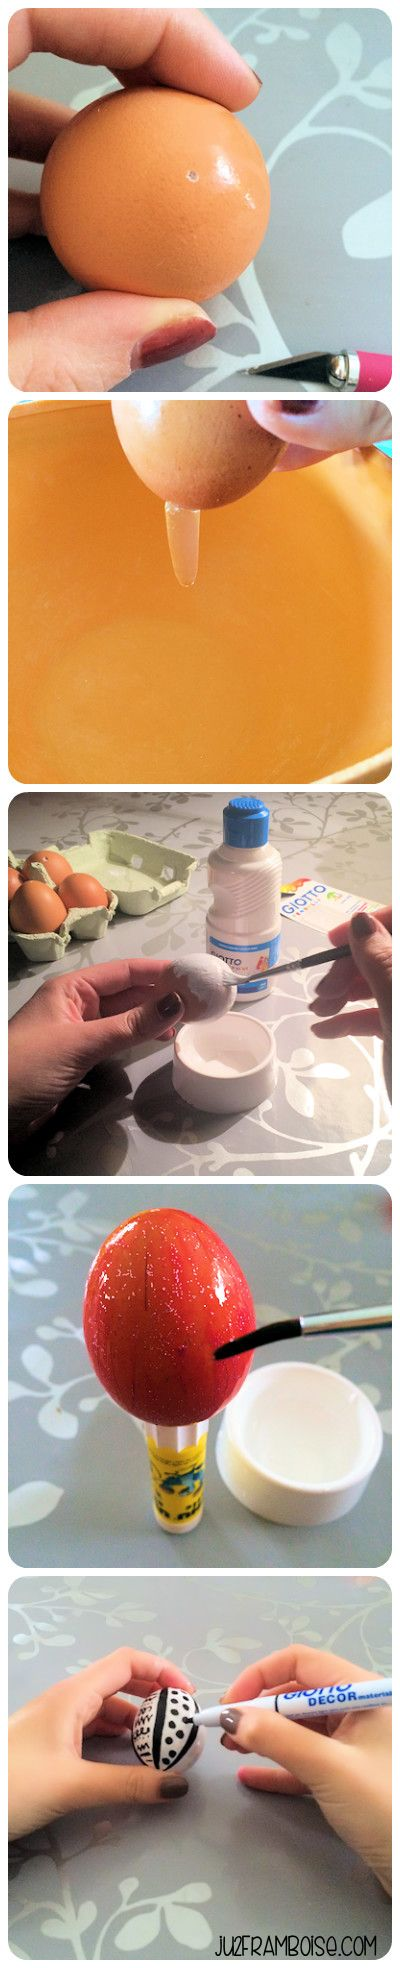 DIY : un tuto facile pour peindre sur les oeufs, déco de Pâques | Ju2Framboise.com